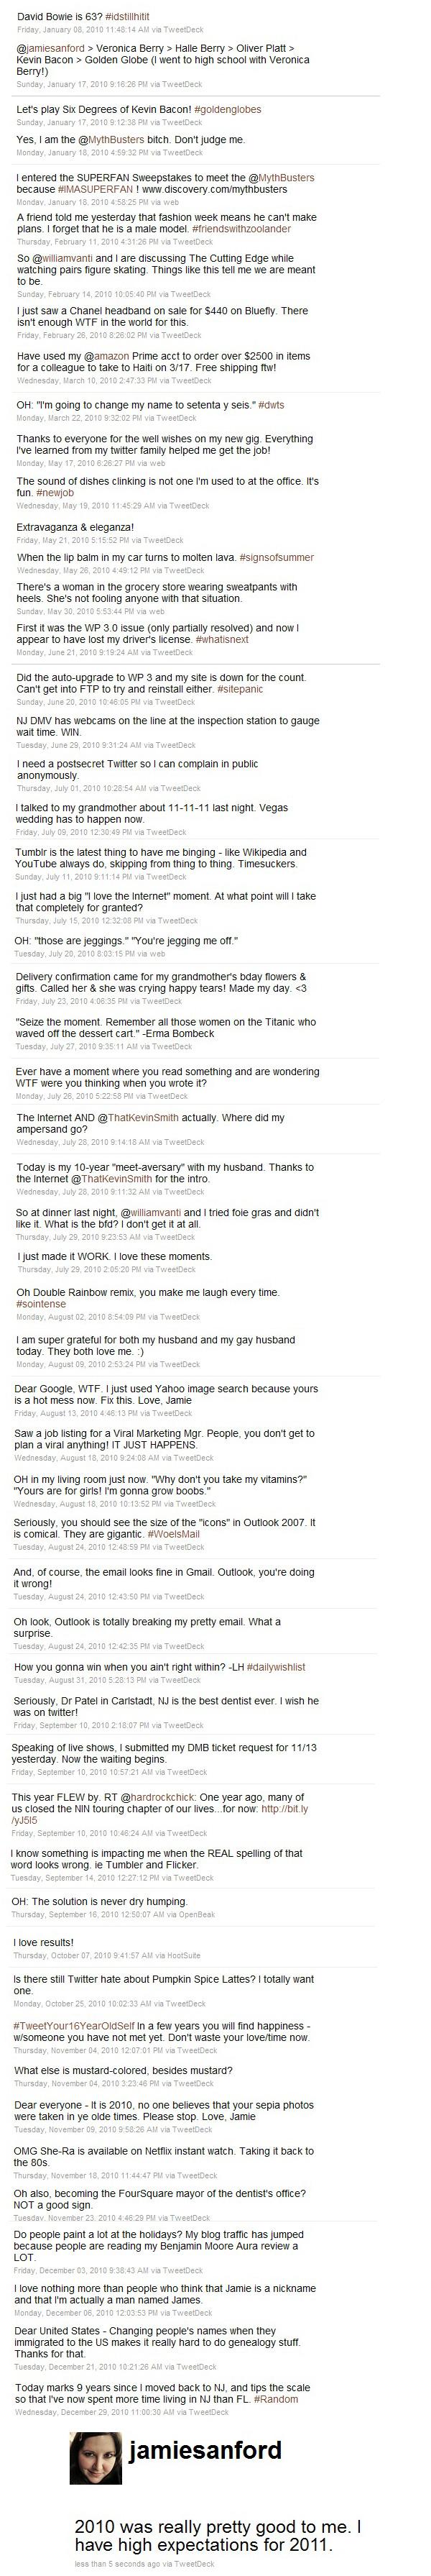 JamieSanford - Tweets of 2010